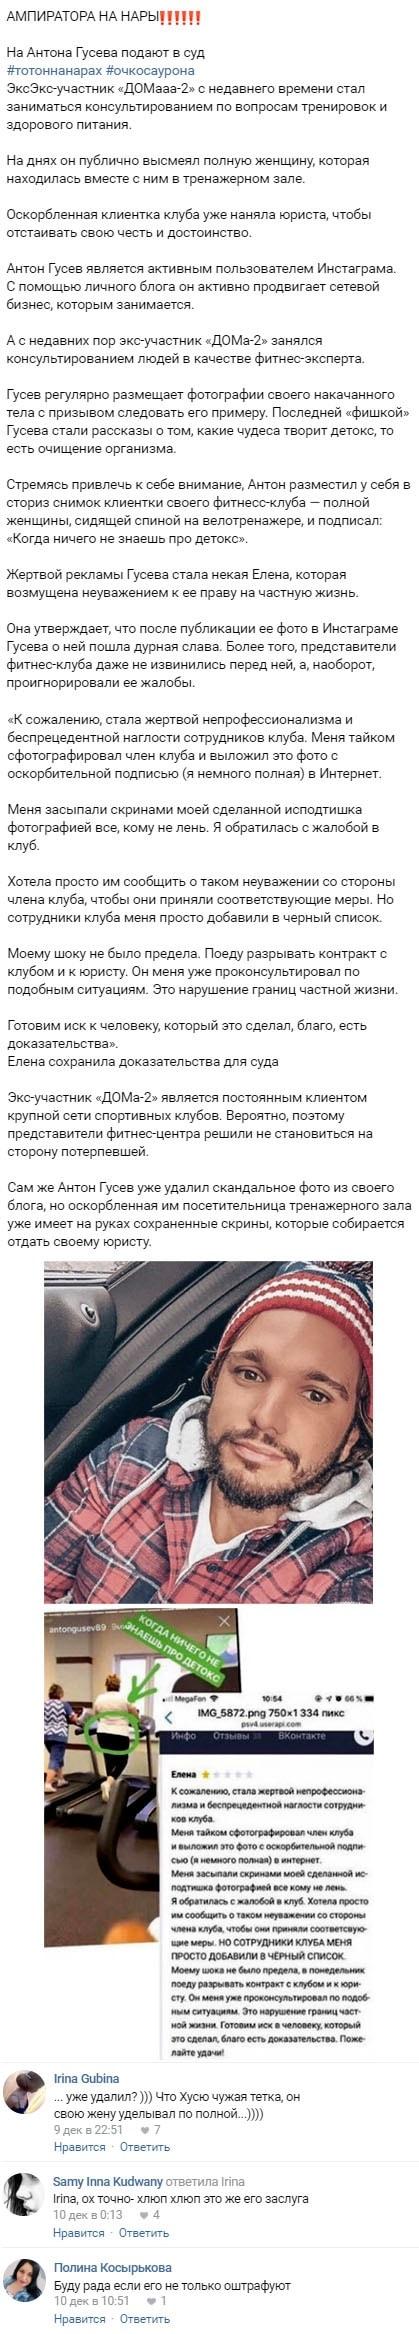 Антона Гусева припугнули судом из-за его наглости